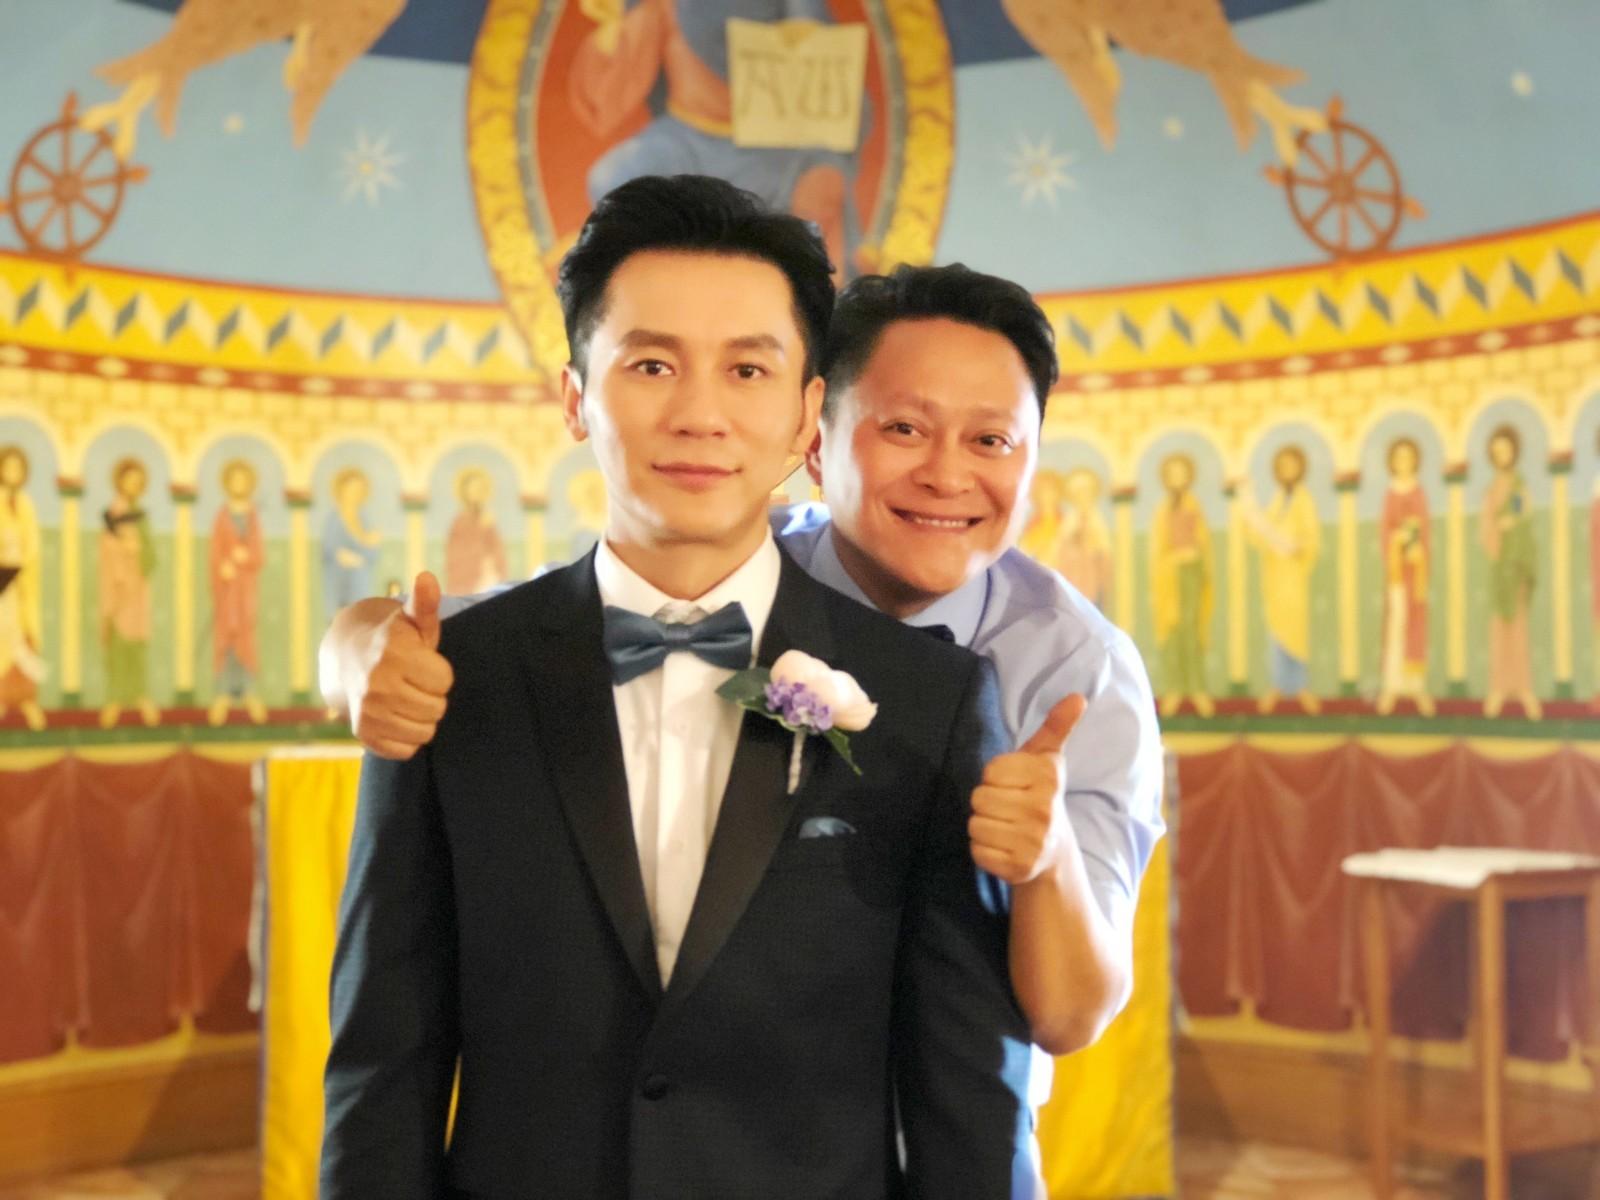 电视剧《七日生》将映 演员王笑龙变身耍横老